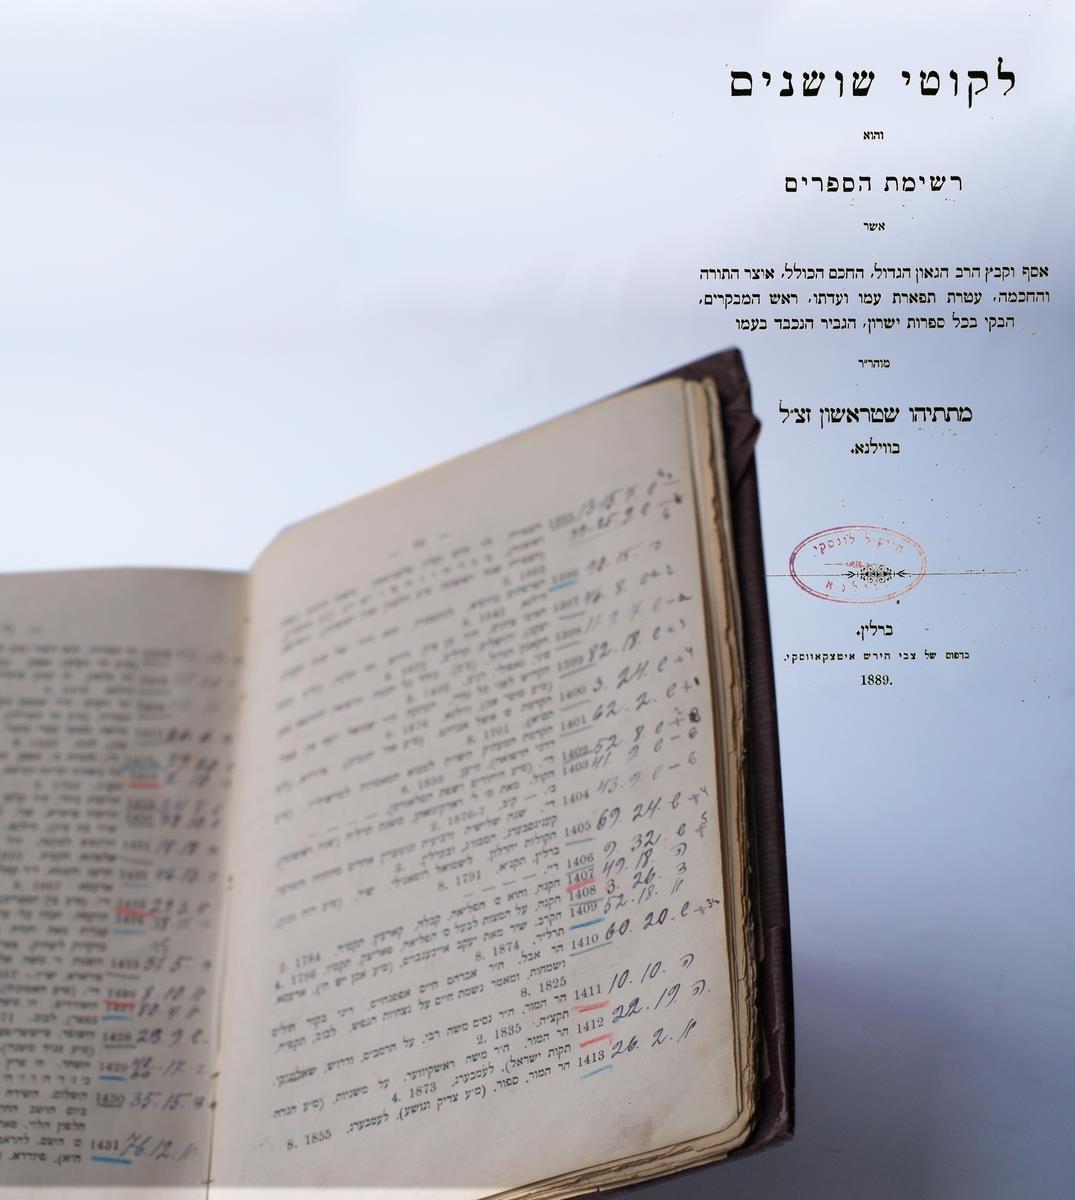 """Mato Strašuno asmeninės bibliotekos katalogas """"Likute shoshanim"""" (hebr. Rožių skynimas), išleistas jo sūnėno Dovydo Strašuno. <br /> Strašuno bibliotekos fondų saugotojo Chaiklo Lunskio egzempliorius su jo paties pastabomis.<br /> Berlynas, Cvi Hiršo Icikovskio spaustuvė, 1889."""